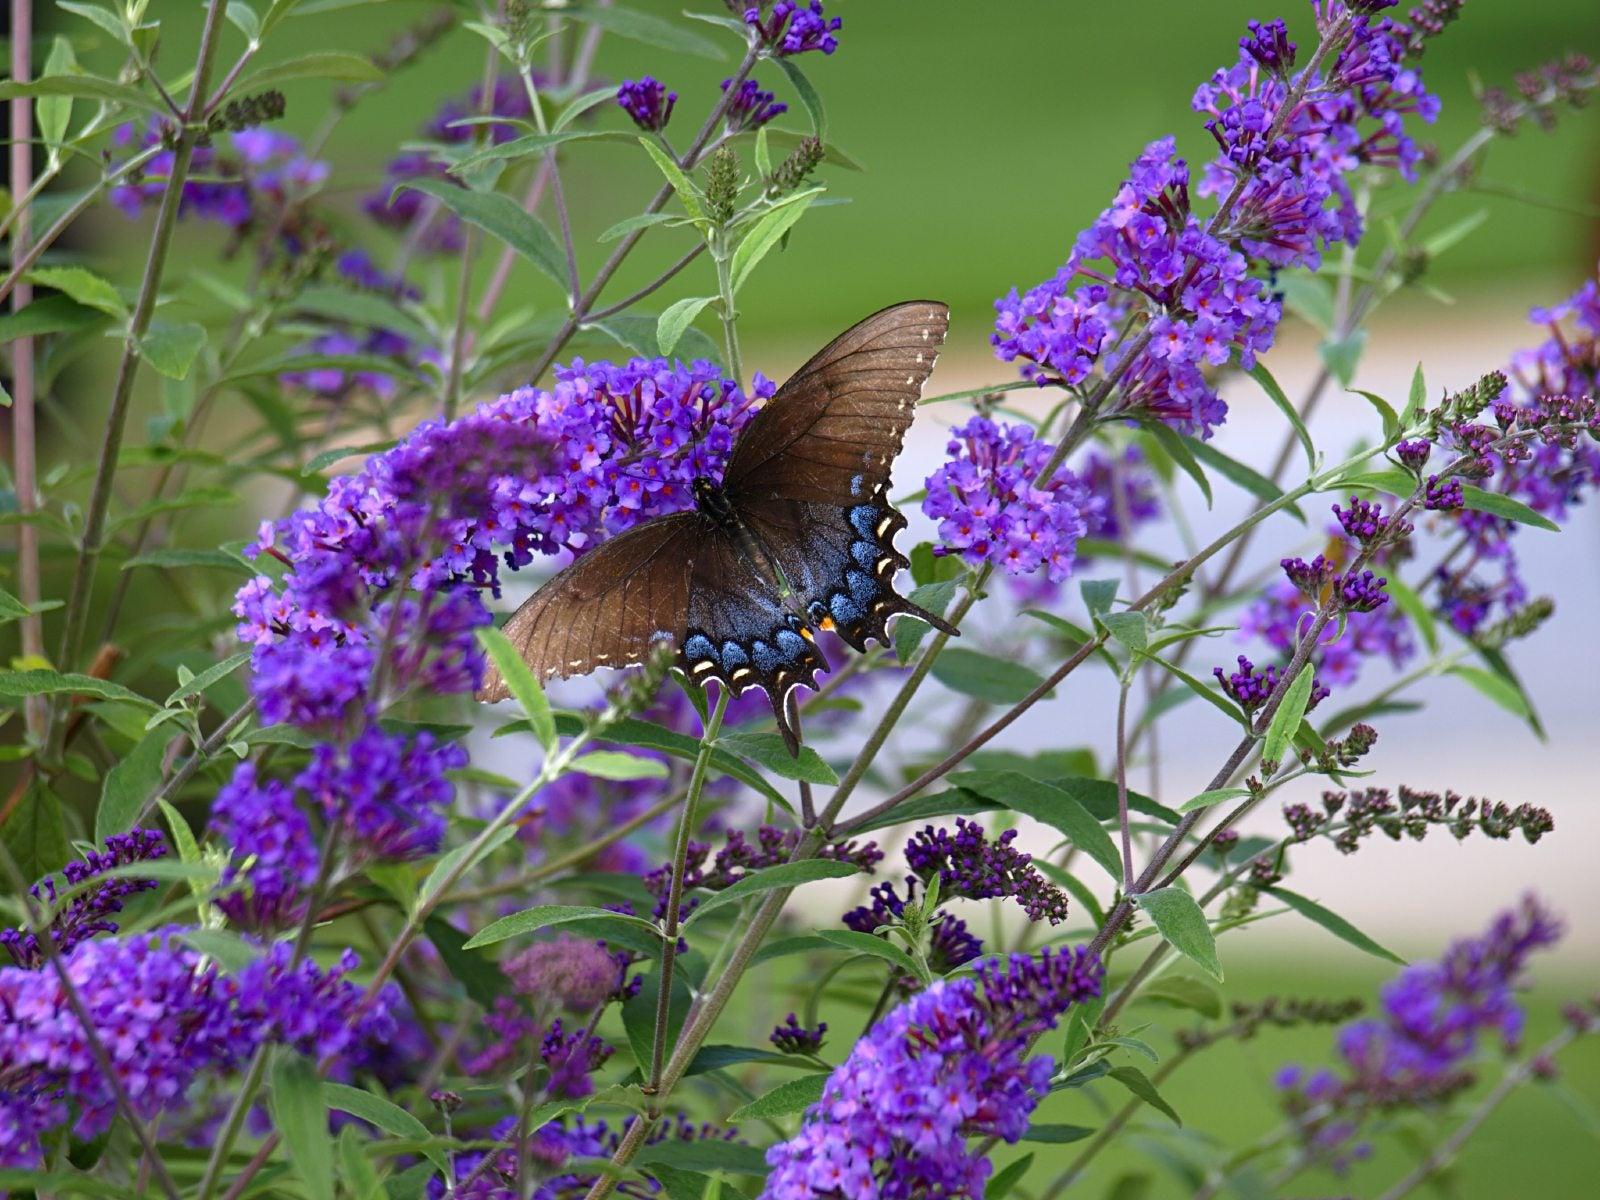 Best Lawn Fertilizer >> Do Butterfly Bushes Need Fertilizer – When And How To Fertilize A Butterfly Bush